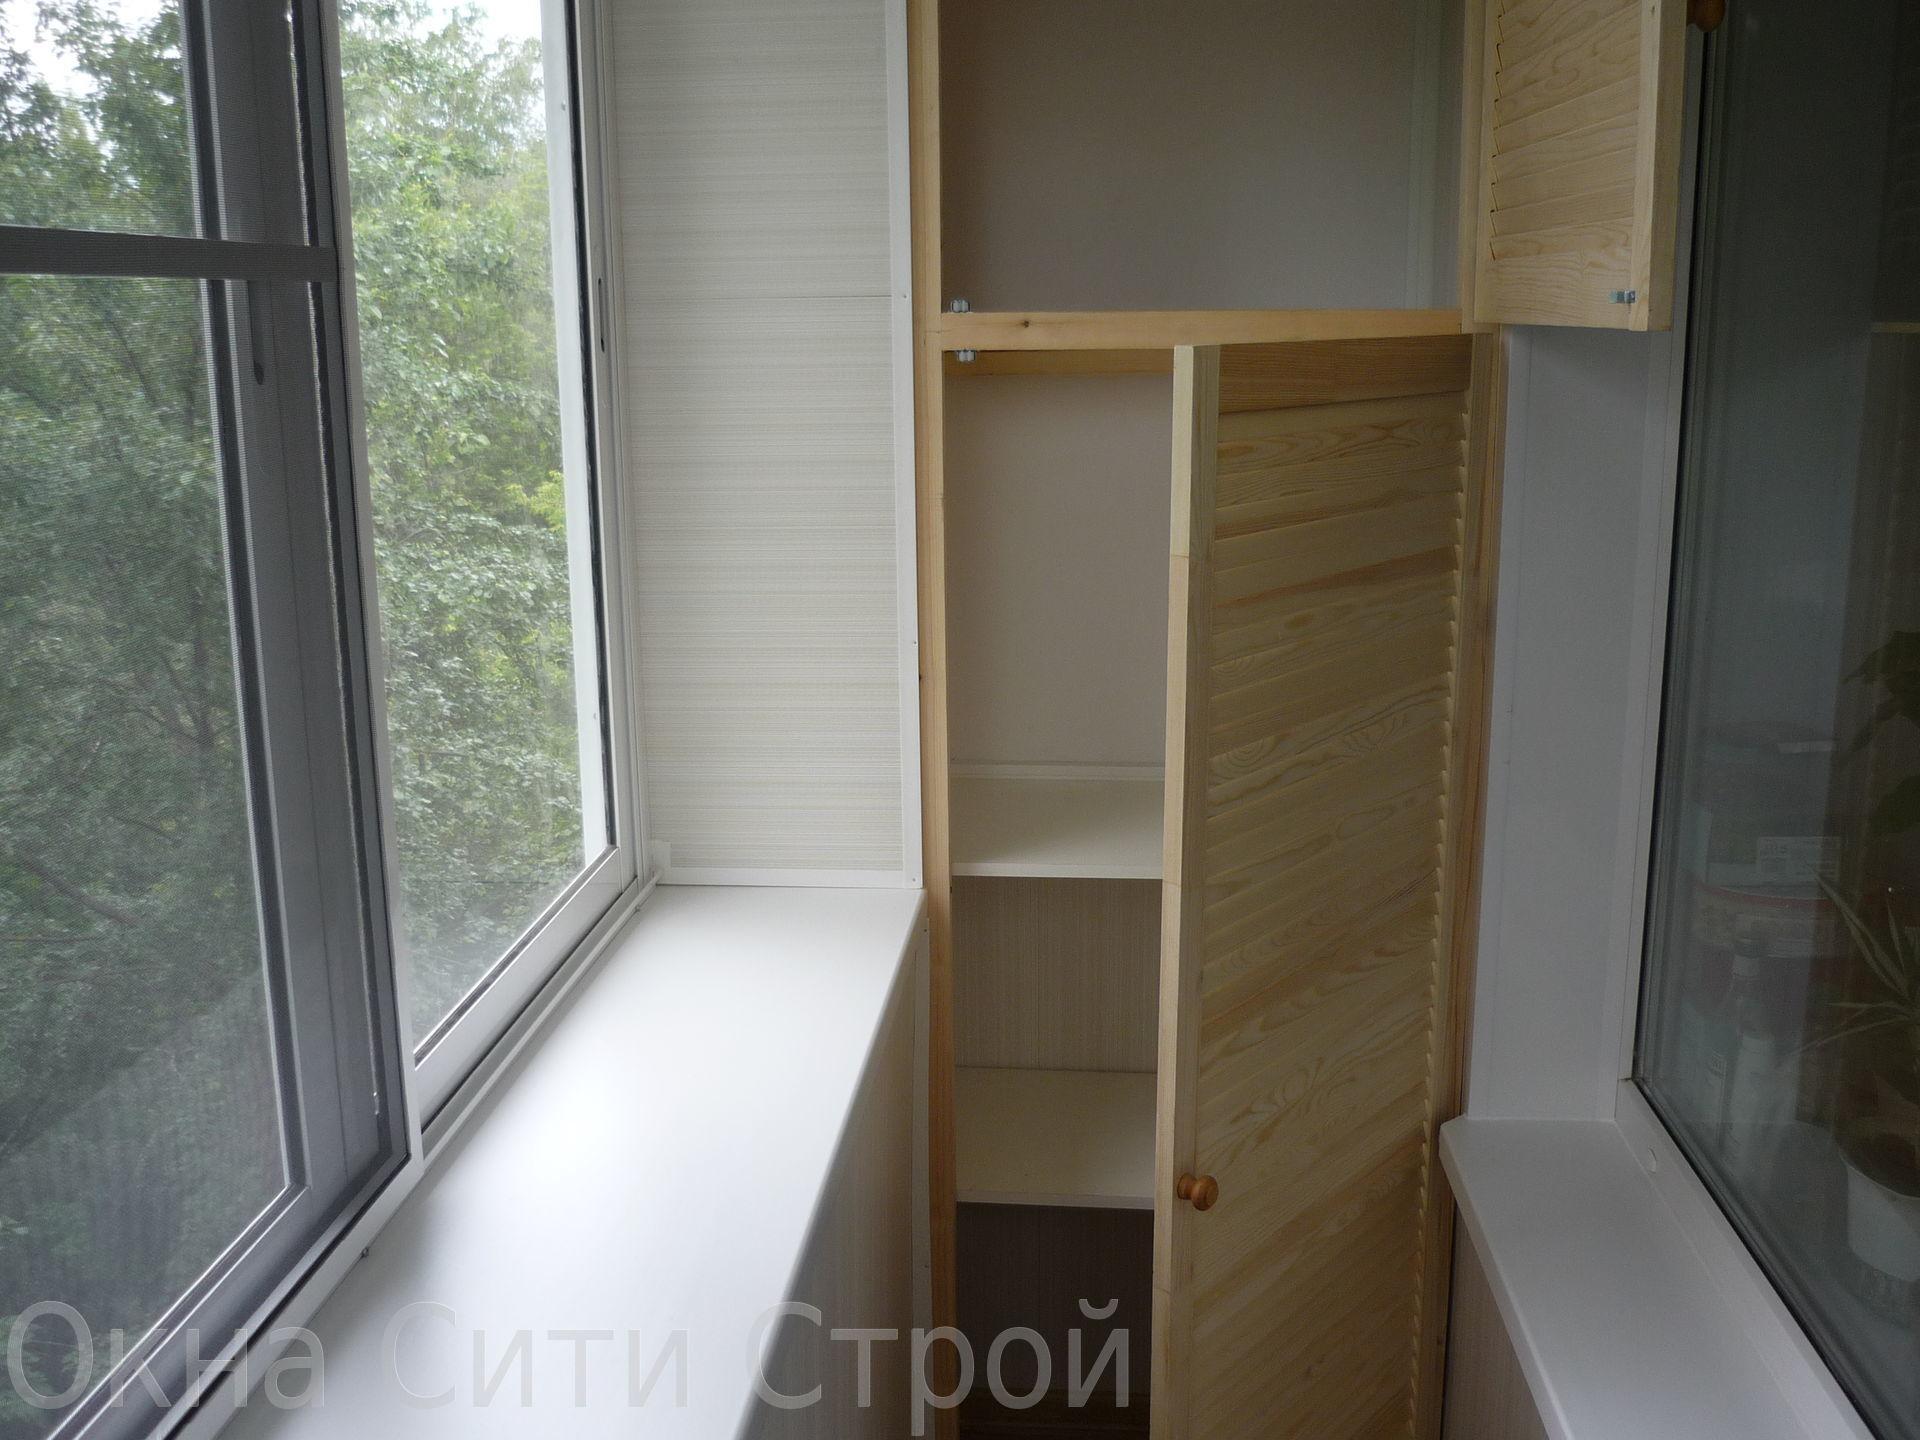 Обшивка балконов киев - обшивка балкона цена под ключ окнапр.